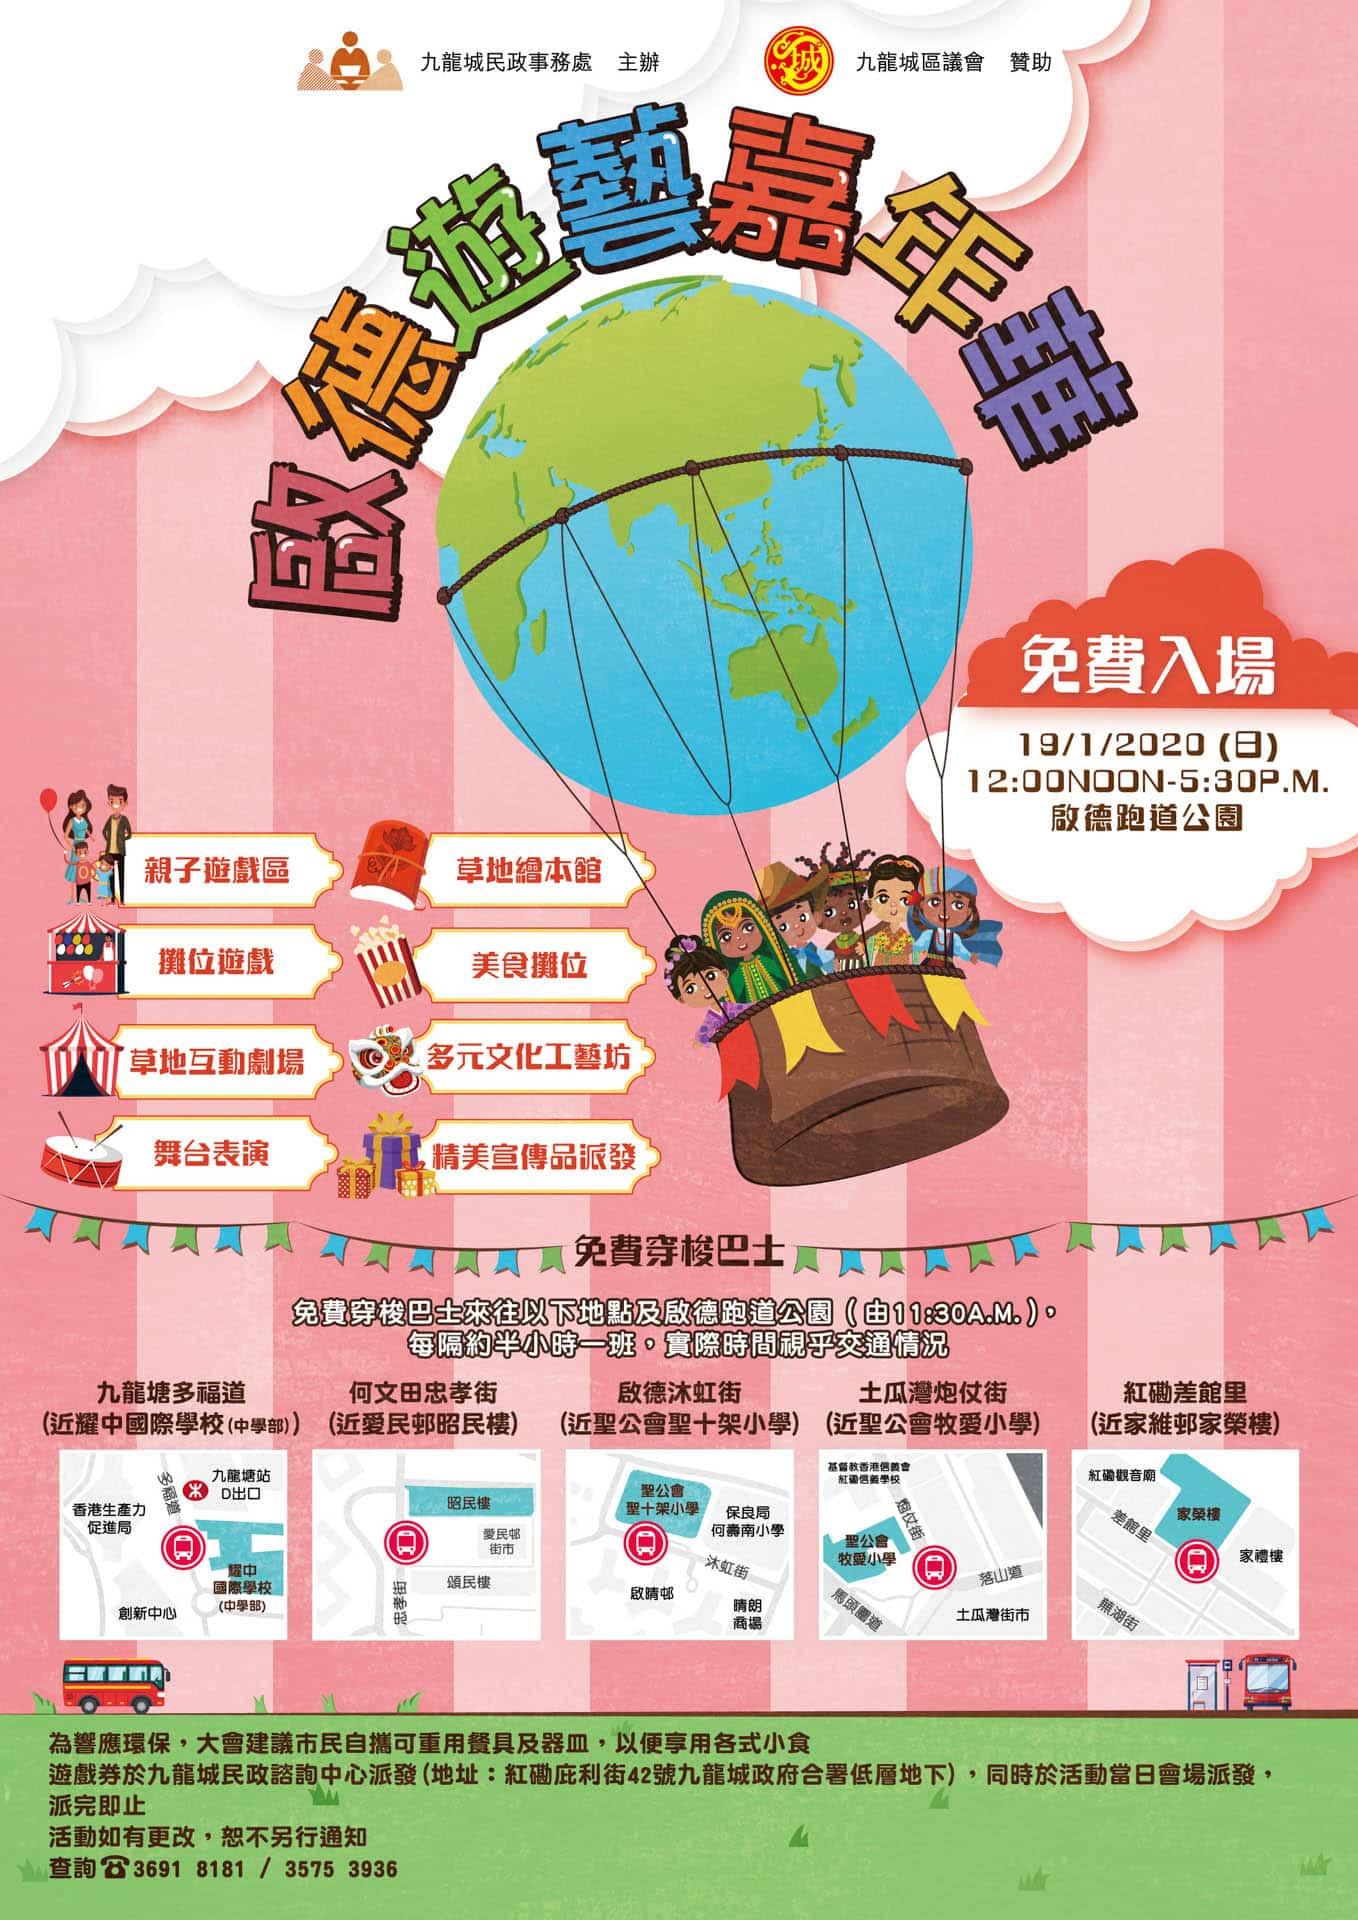 啟德遊藝嘉年華2020 啟德遊藝嘉年華2020將於啟德跑道公園舉行。